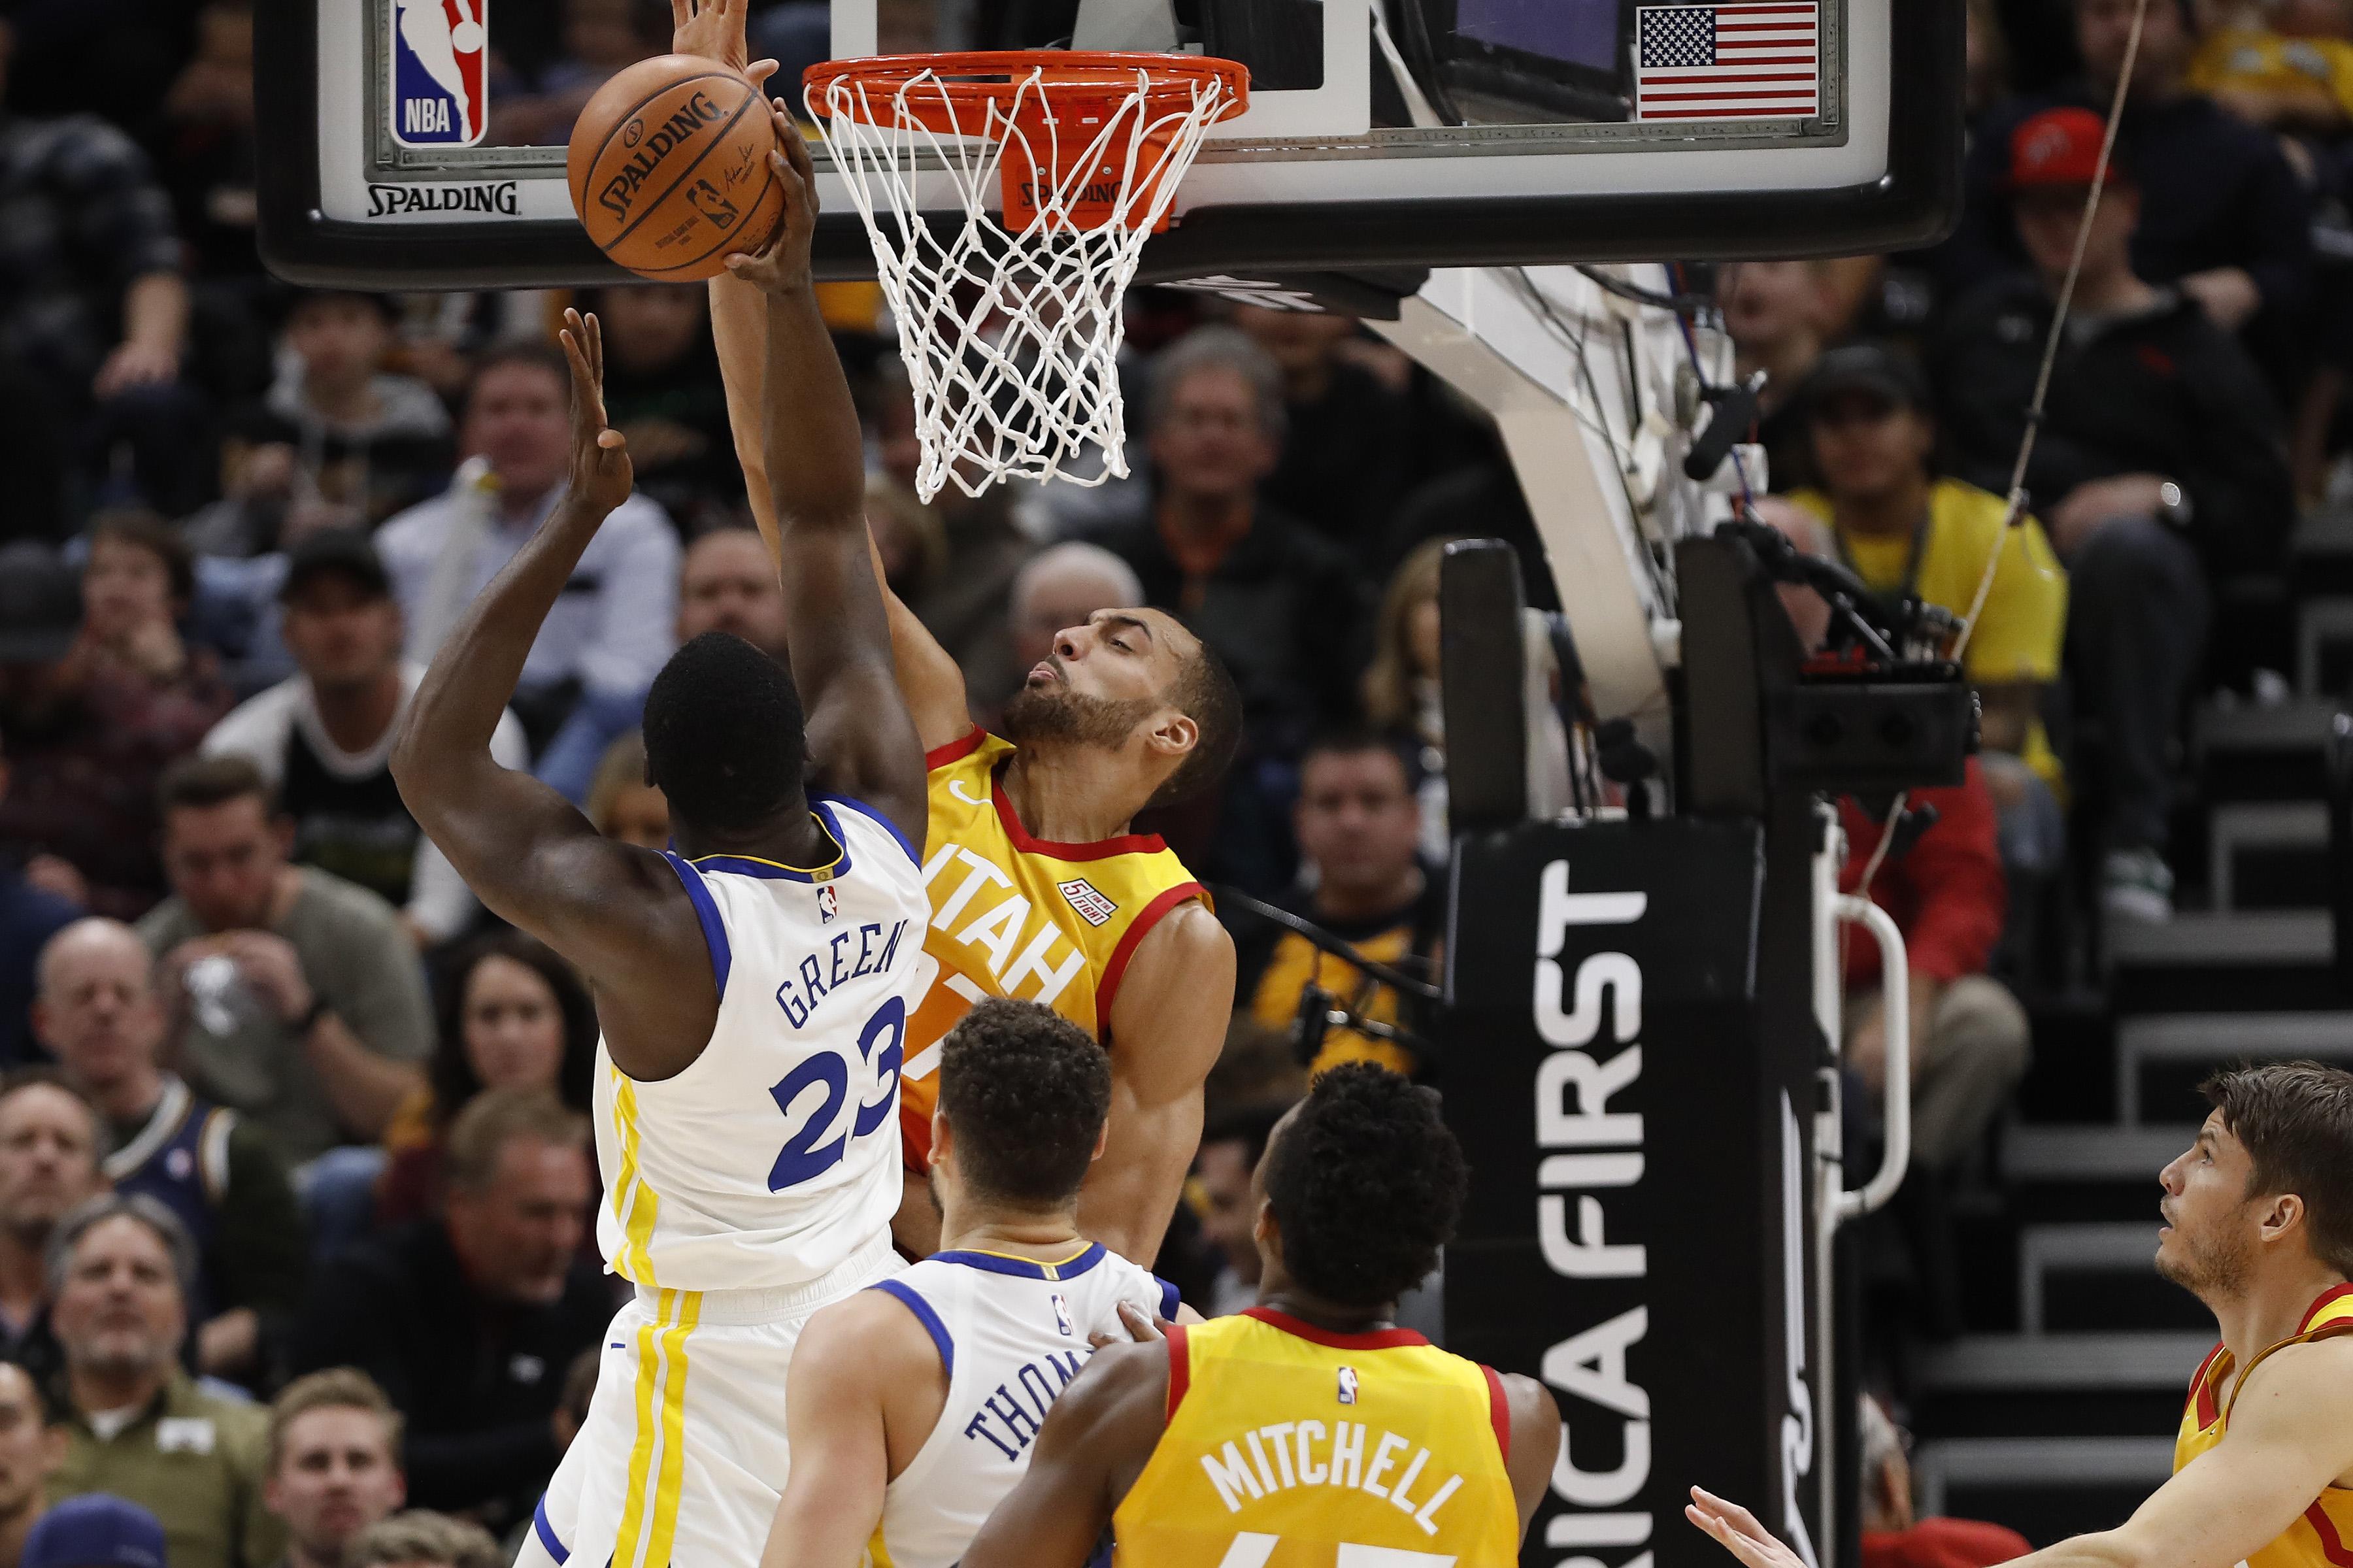 NBA: Golden State Warriors at Utah Jazz